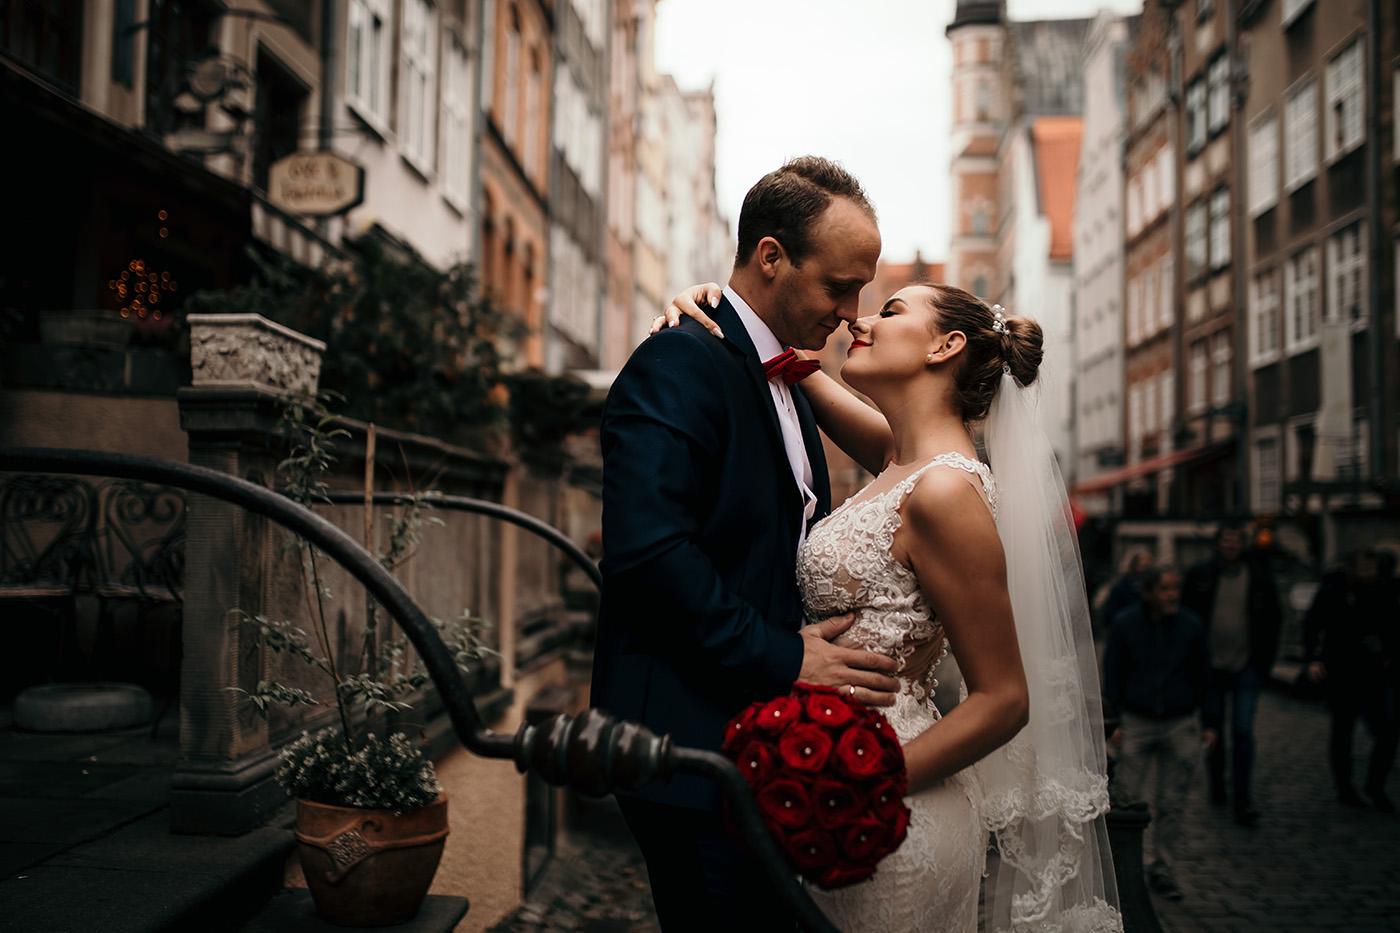 Ślub w Rezydencji Victoria - historia Julii i Stiana 76